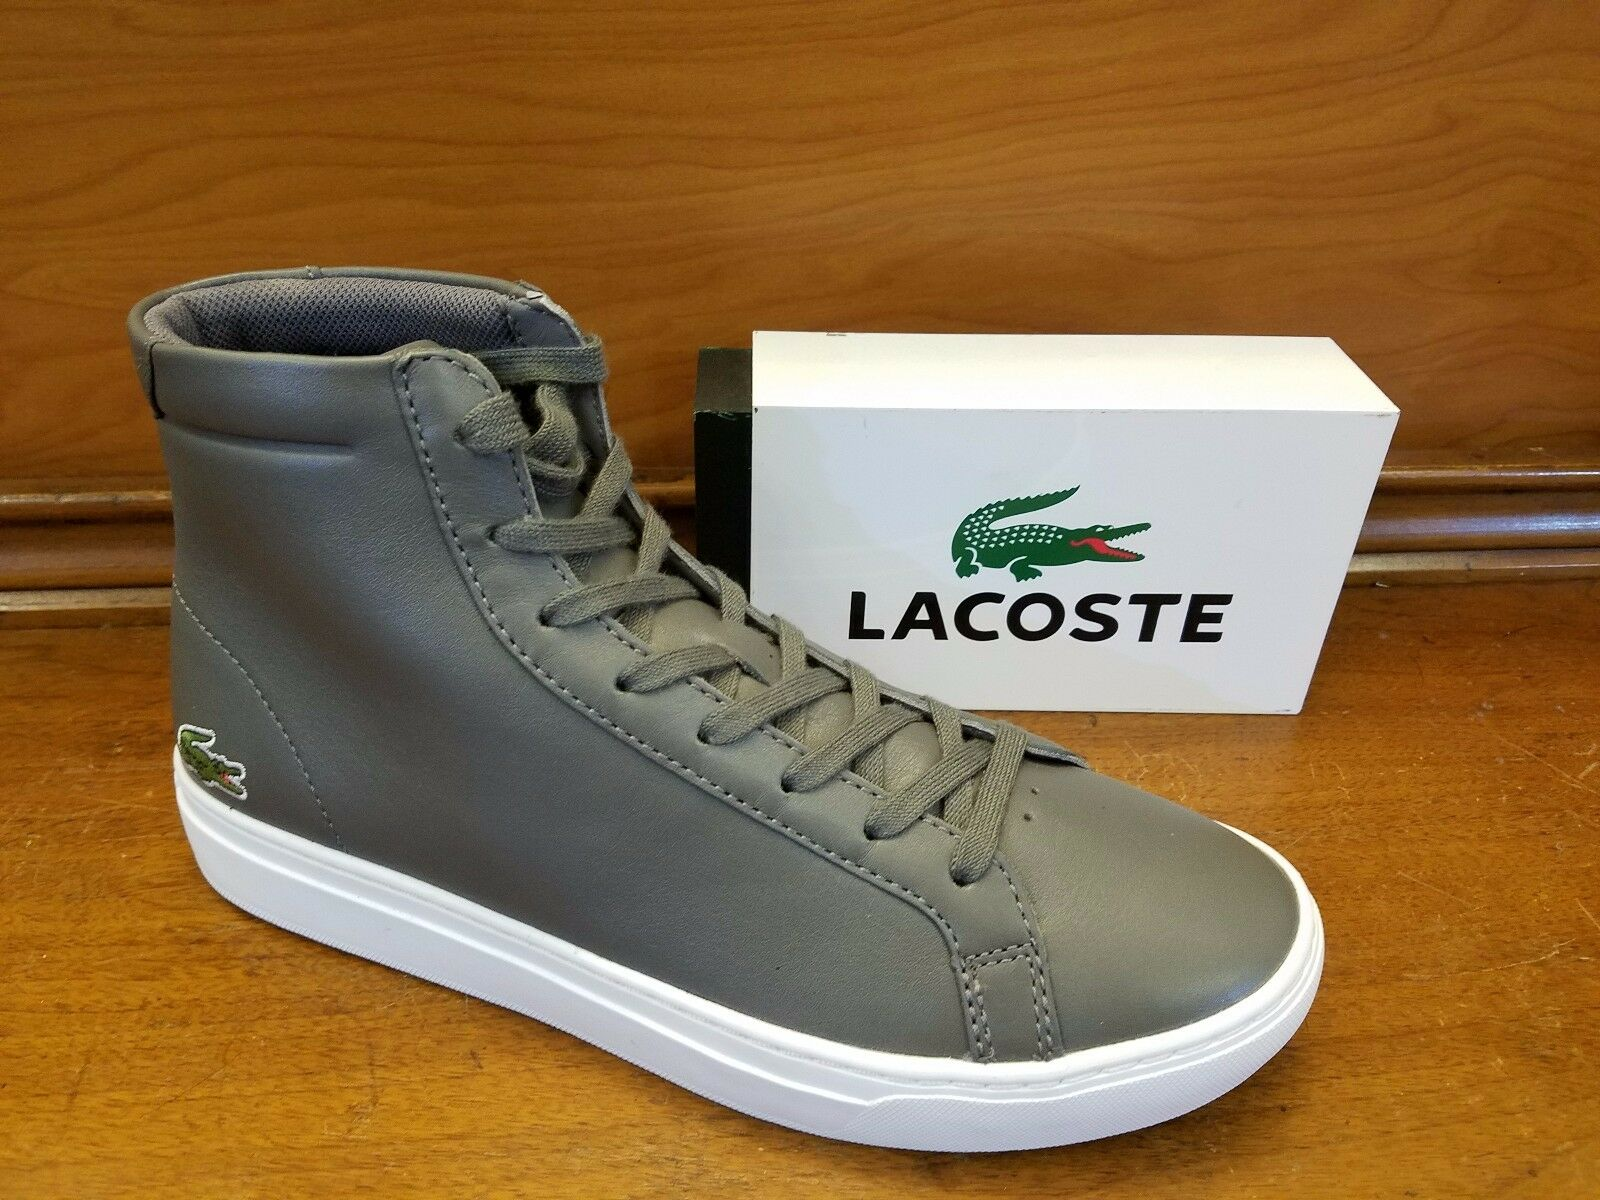 Lacoste Men's Sneakers L.12.12 MID 316 In DK Grey